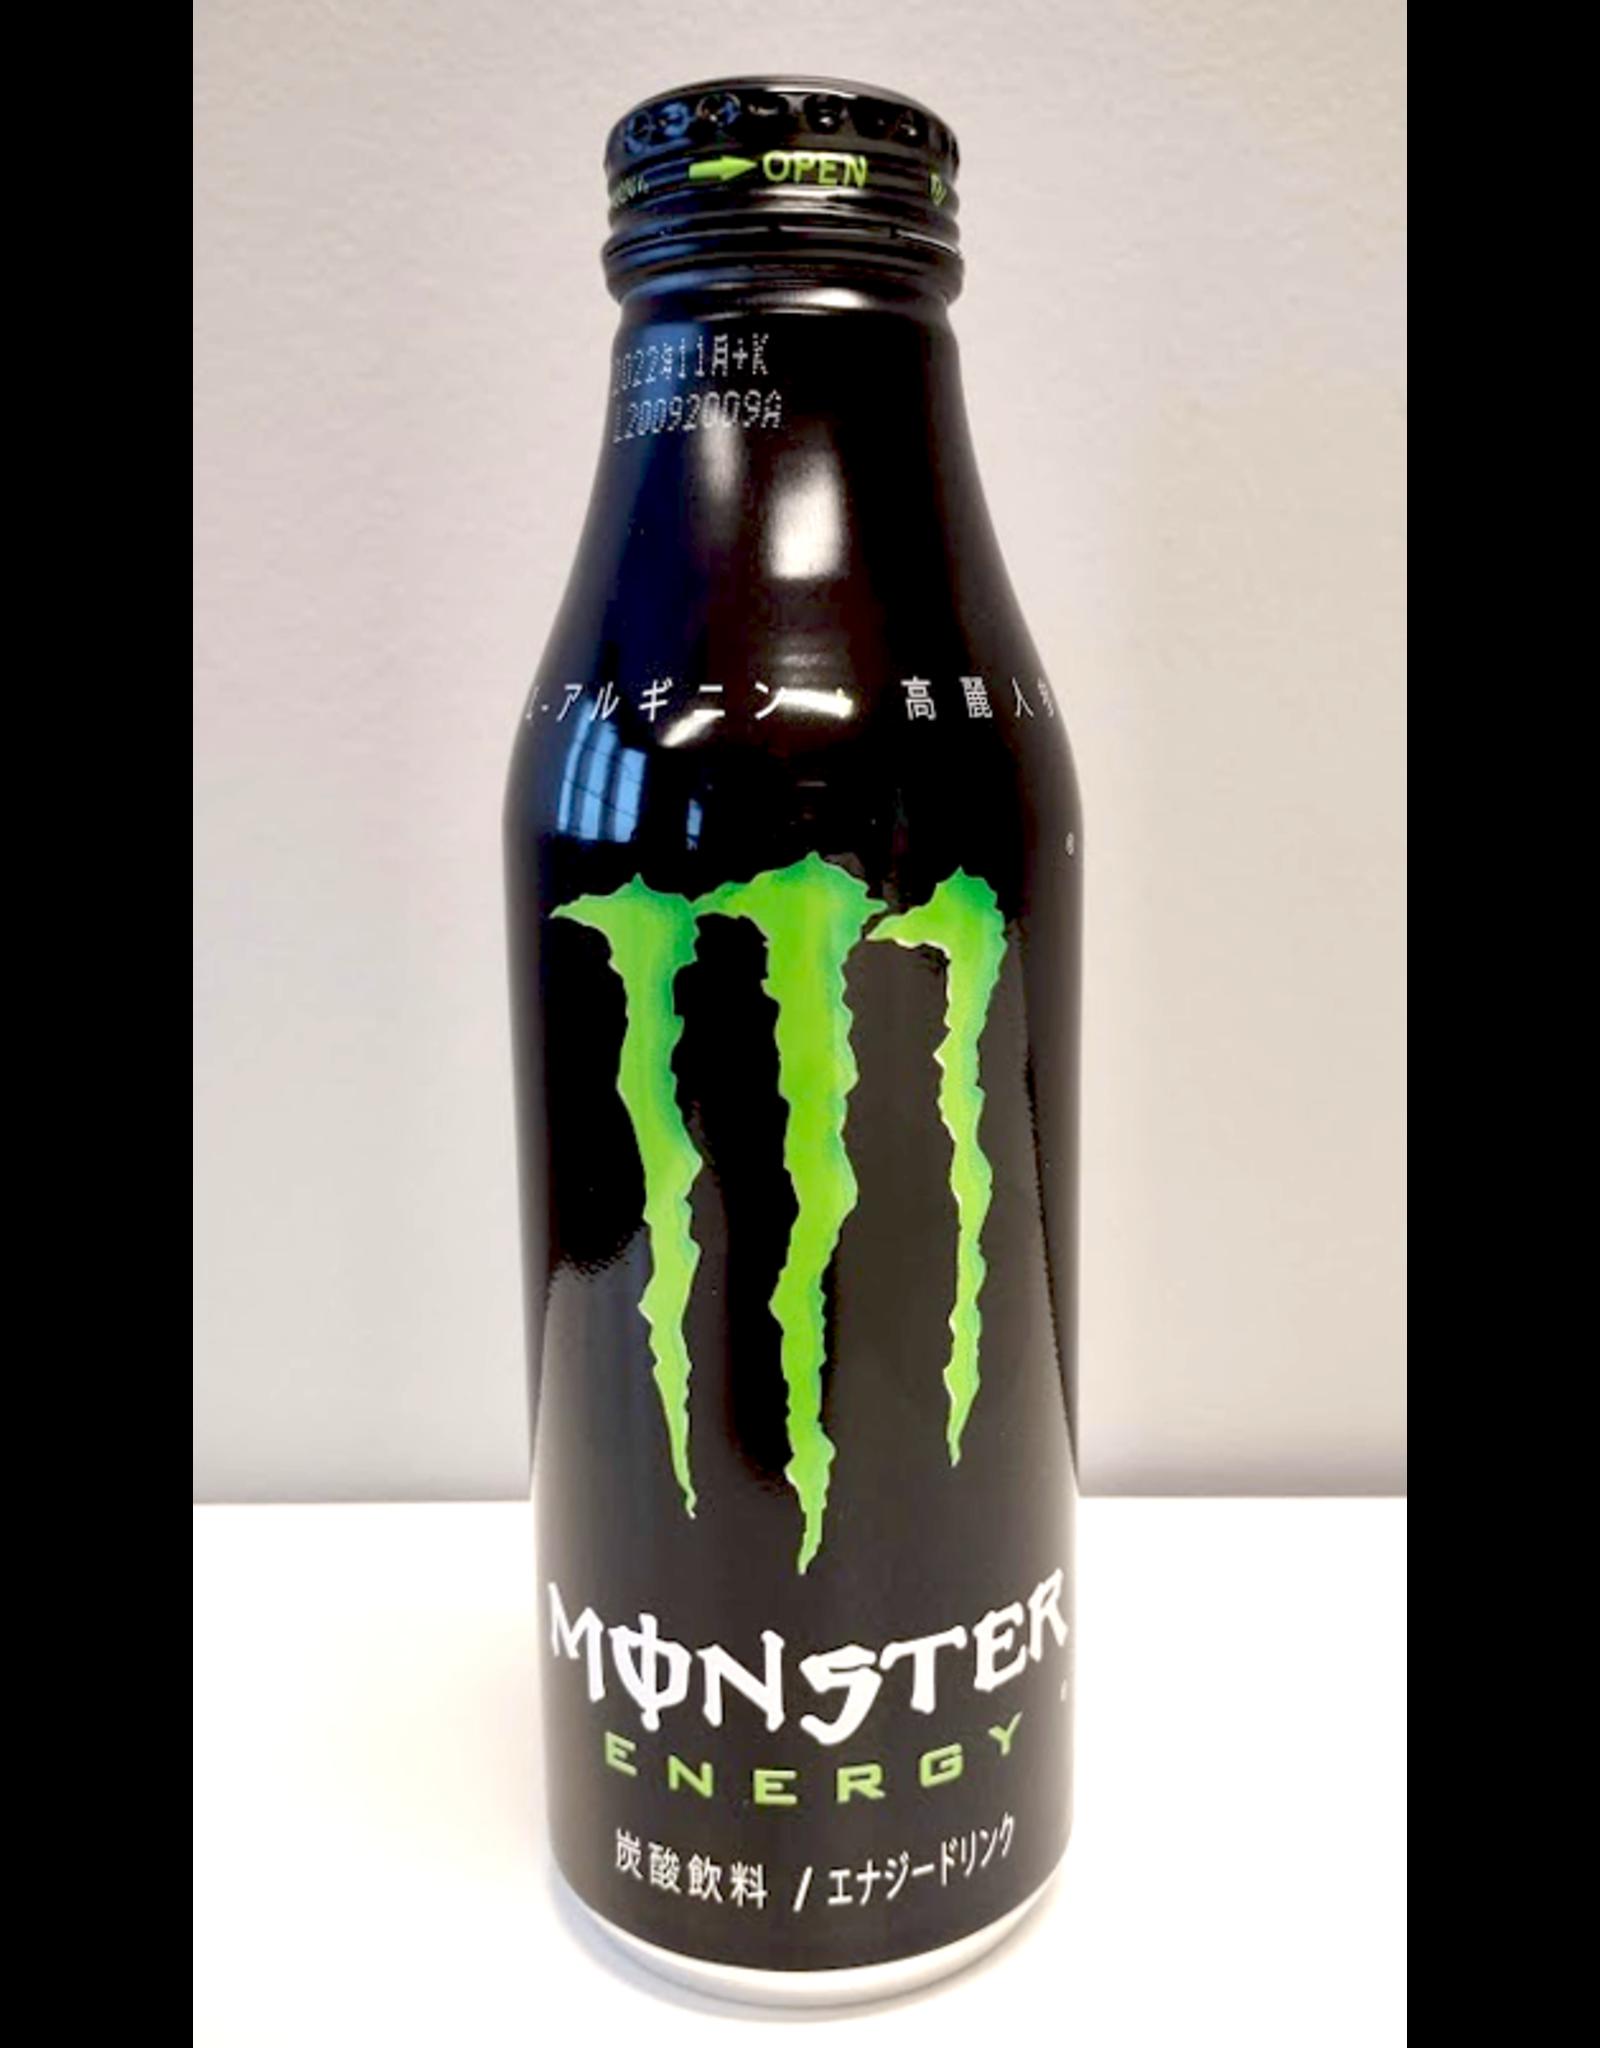 Monster Energy (Japanese Aluminum Bottle) - 500ml